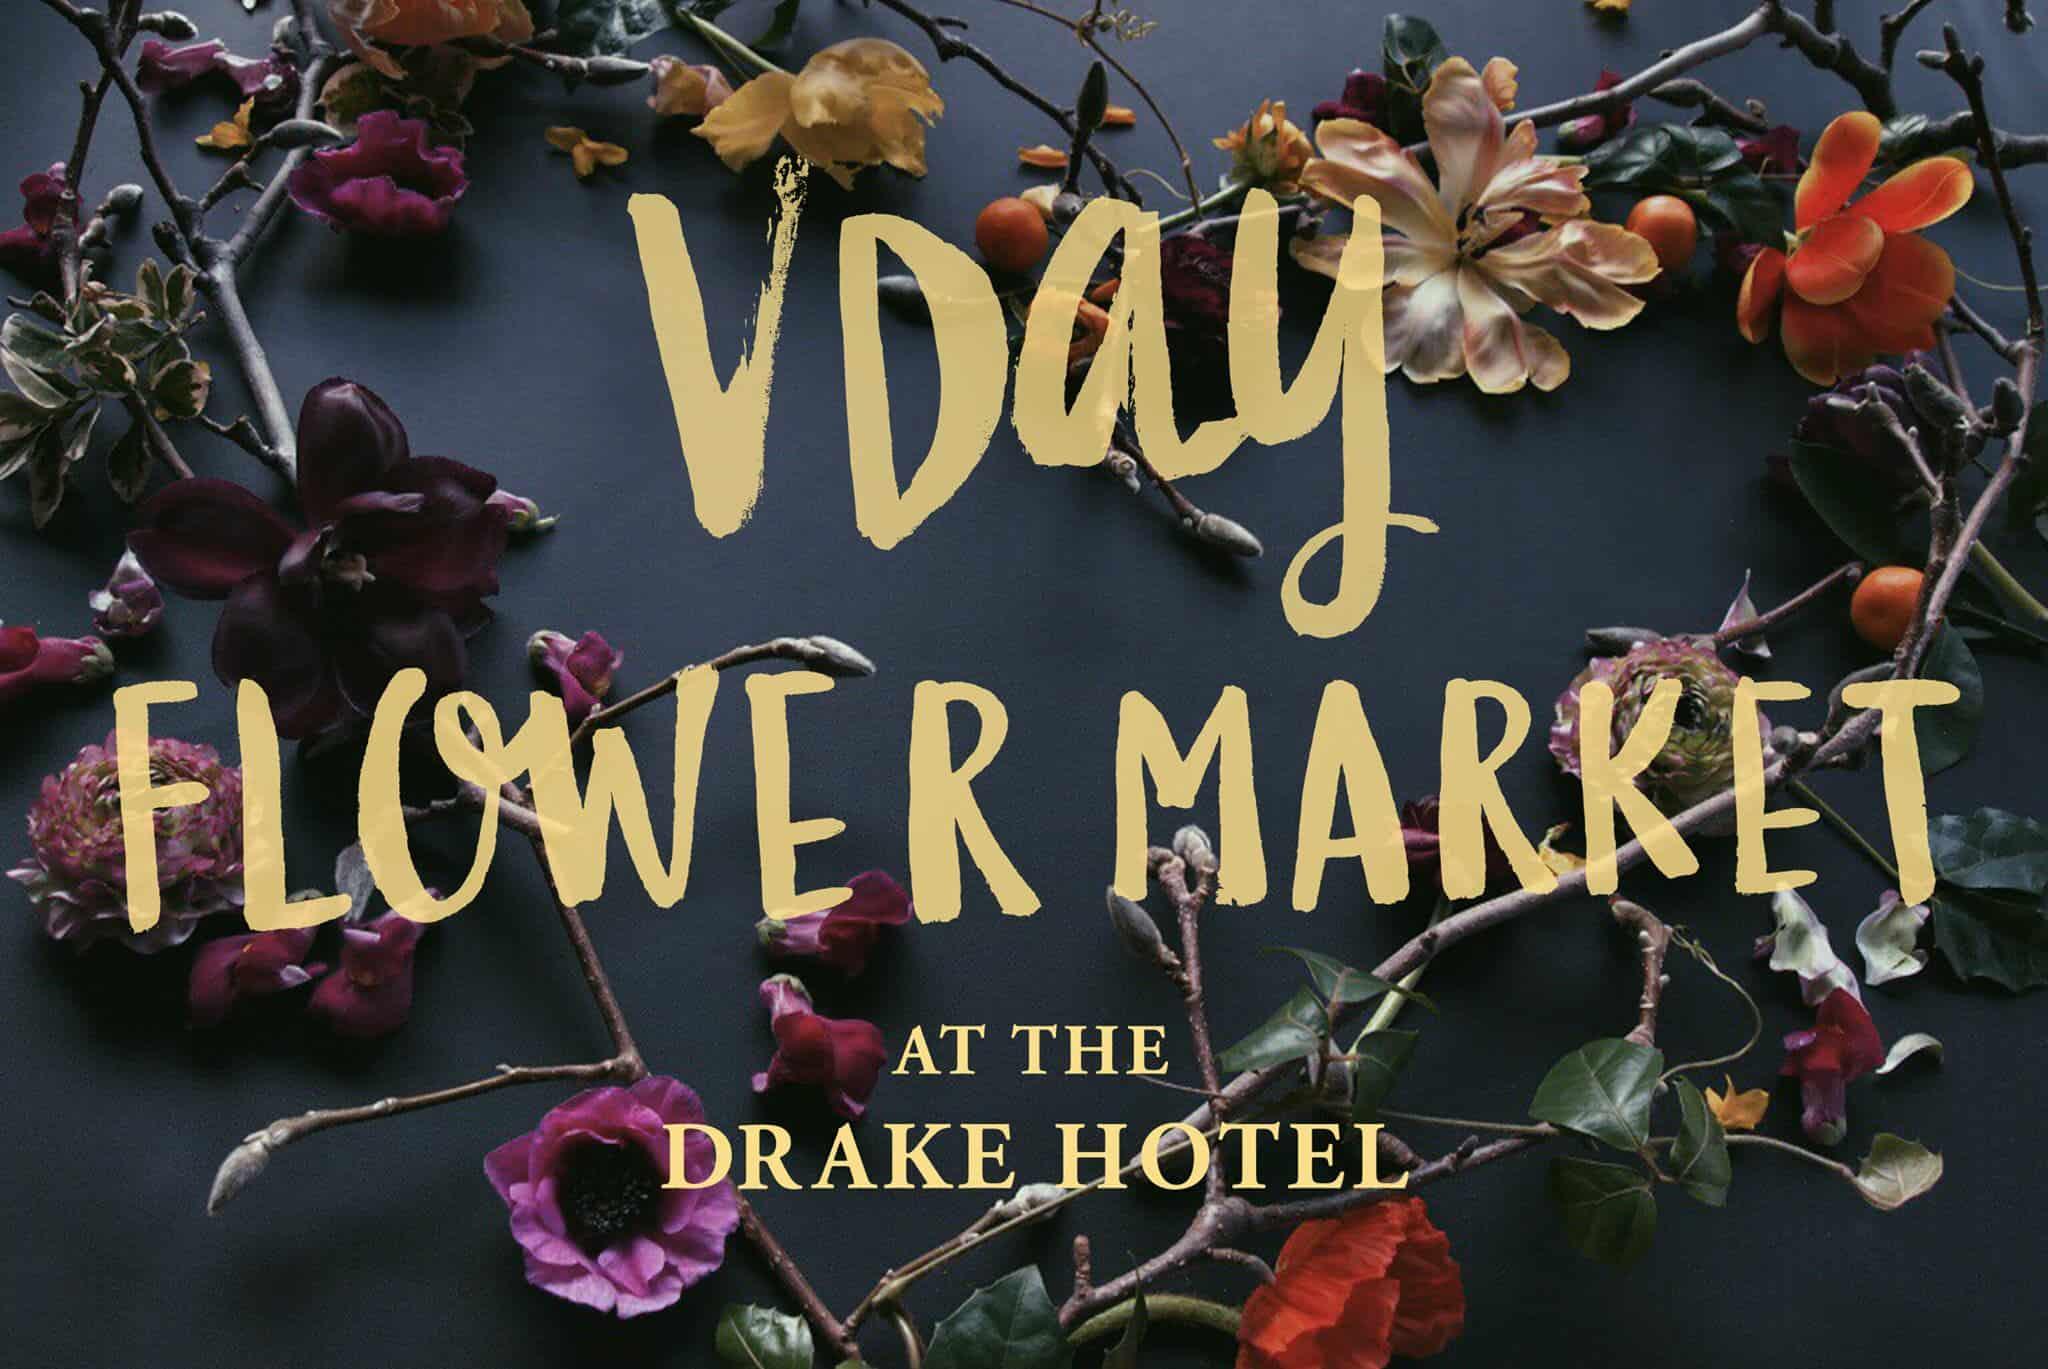 VDay Flower Market at the Drake